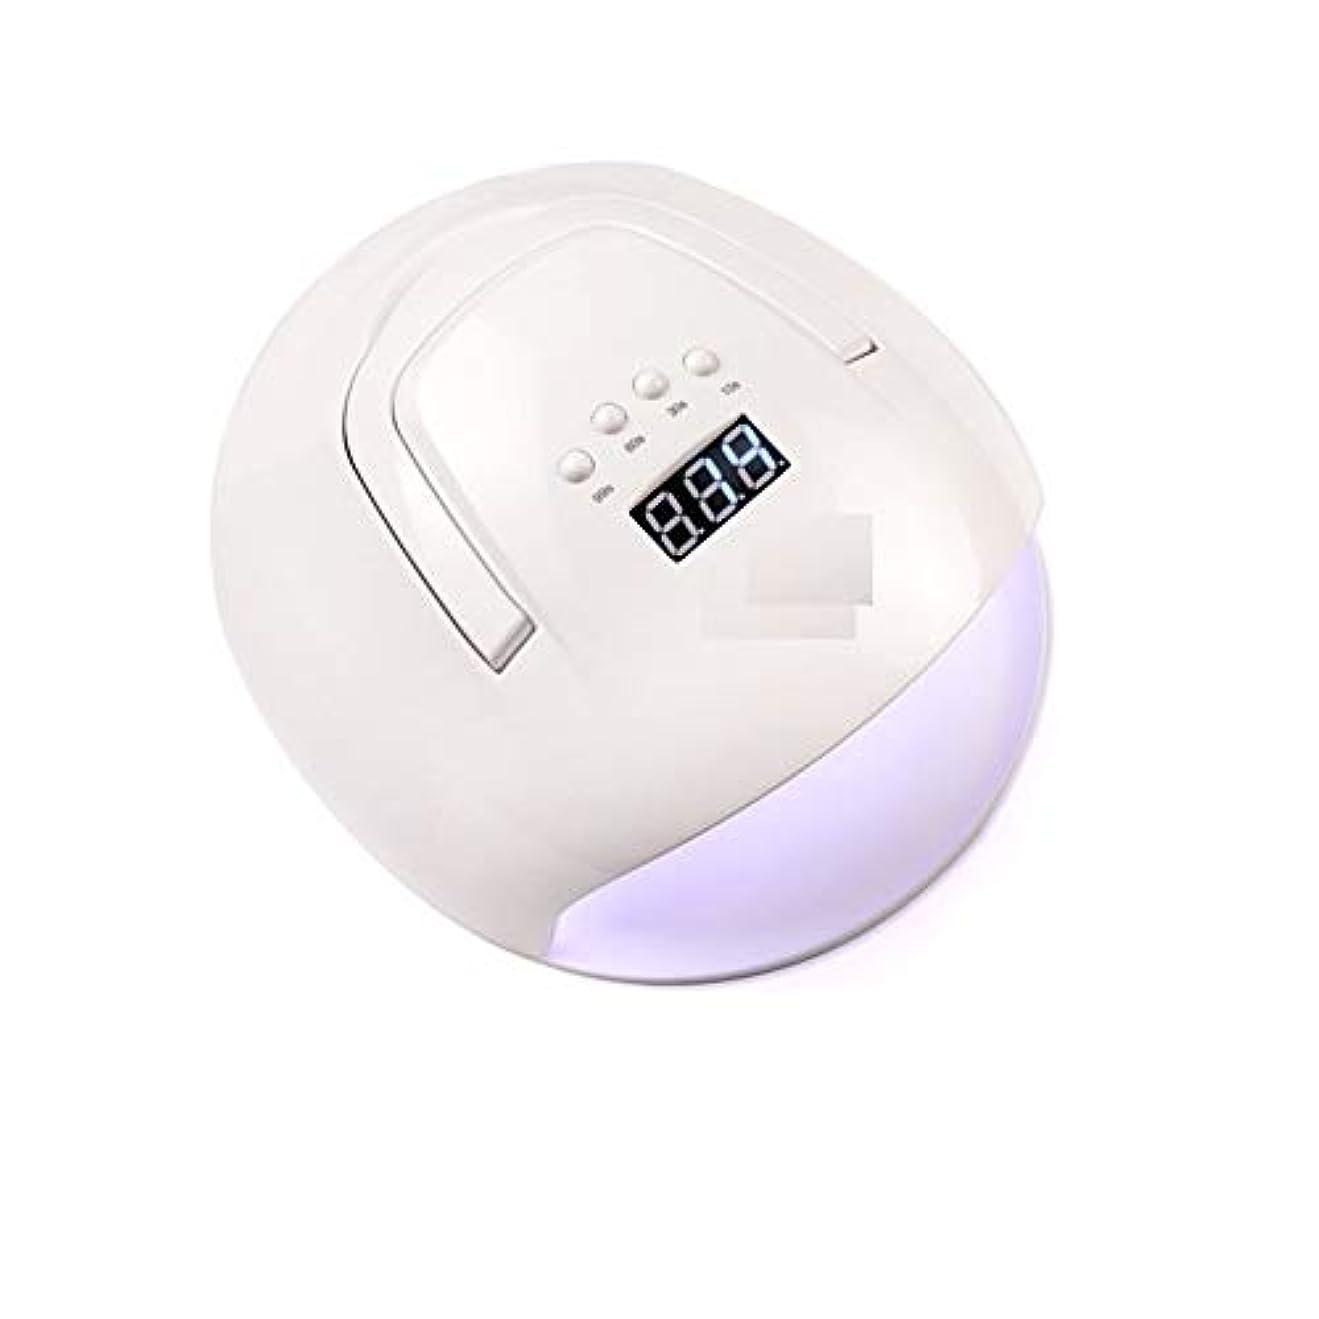 ホップ実施する再生LittleCat 機械光線療法ポータブルLEDランプ108W赤外線センサーポーランドプラスチック熱ランプドライヤーネイル (色 : American standard flat plug)